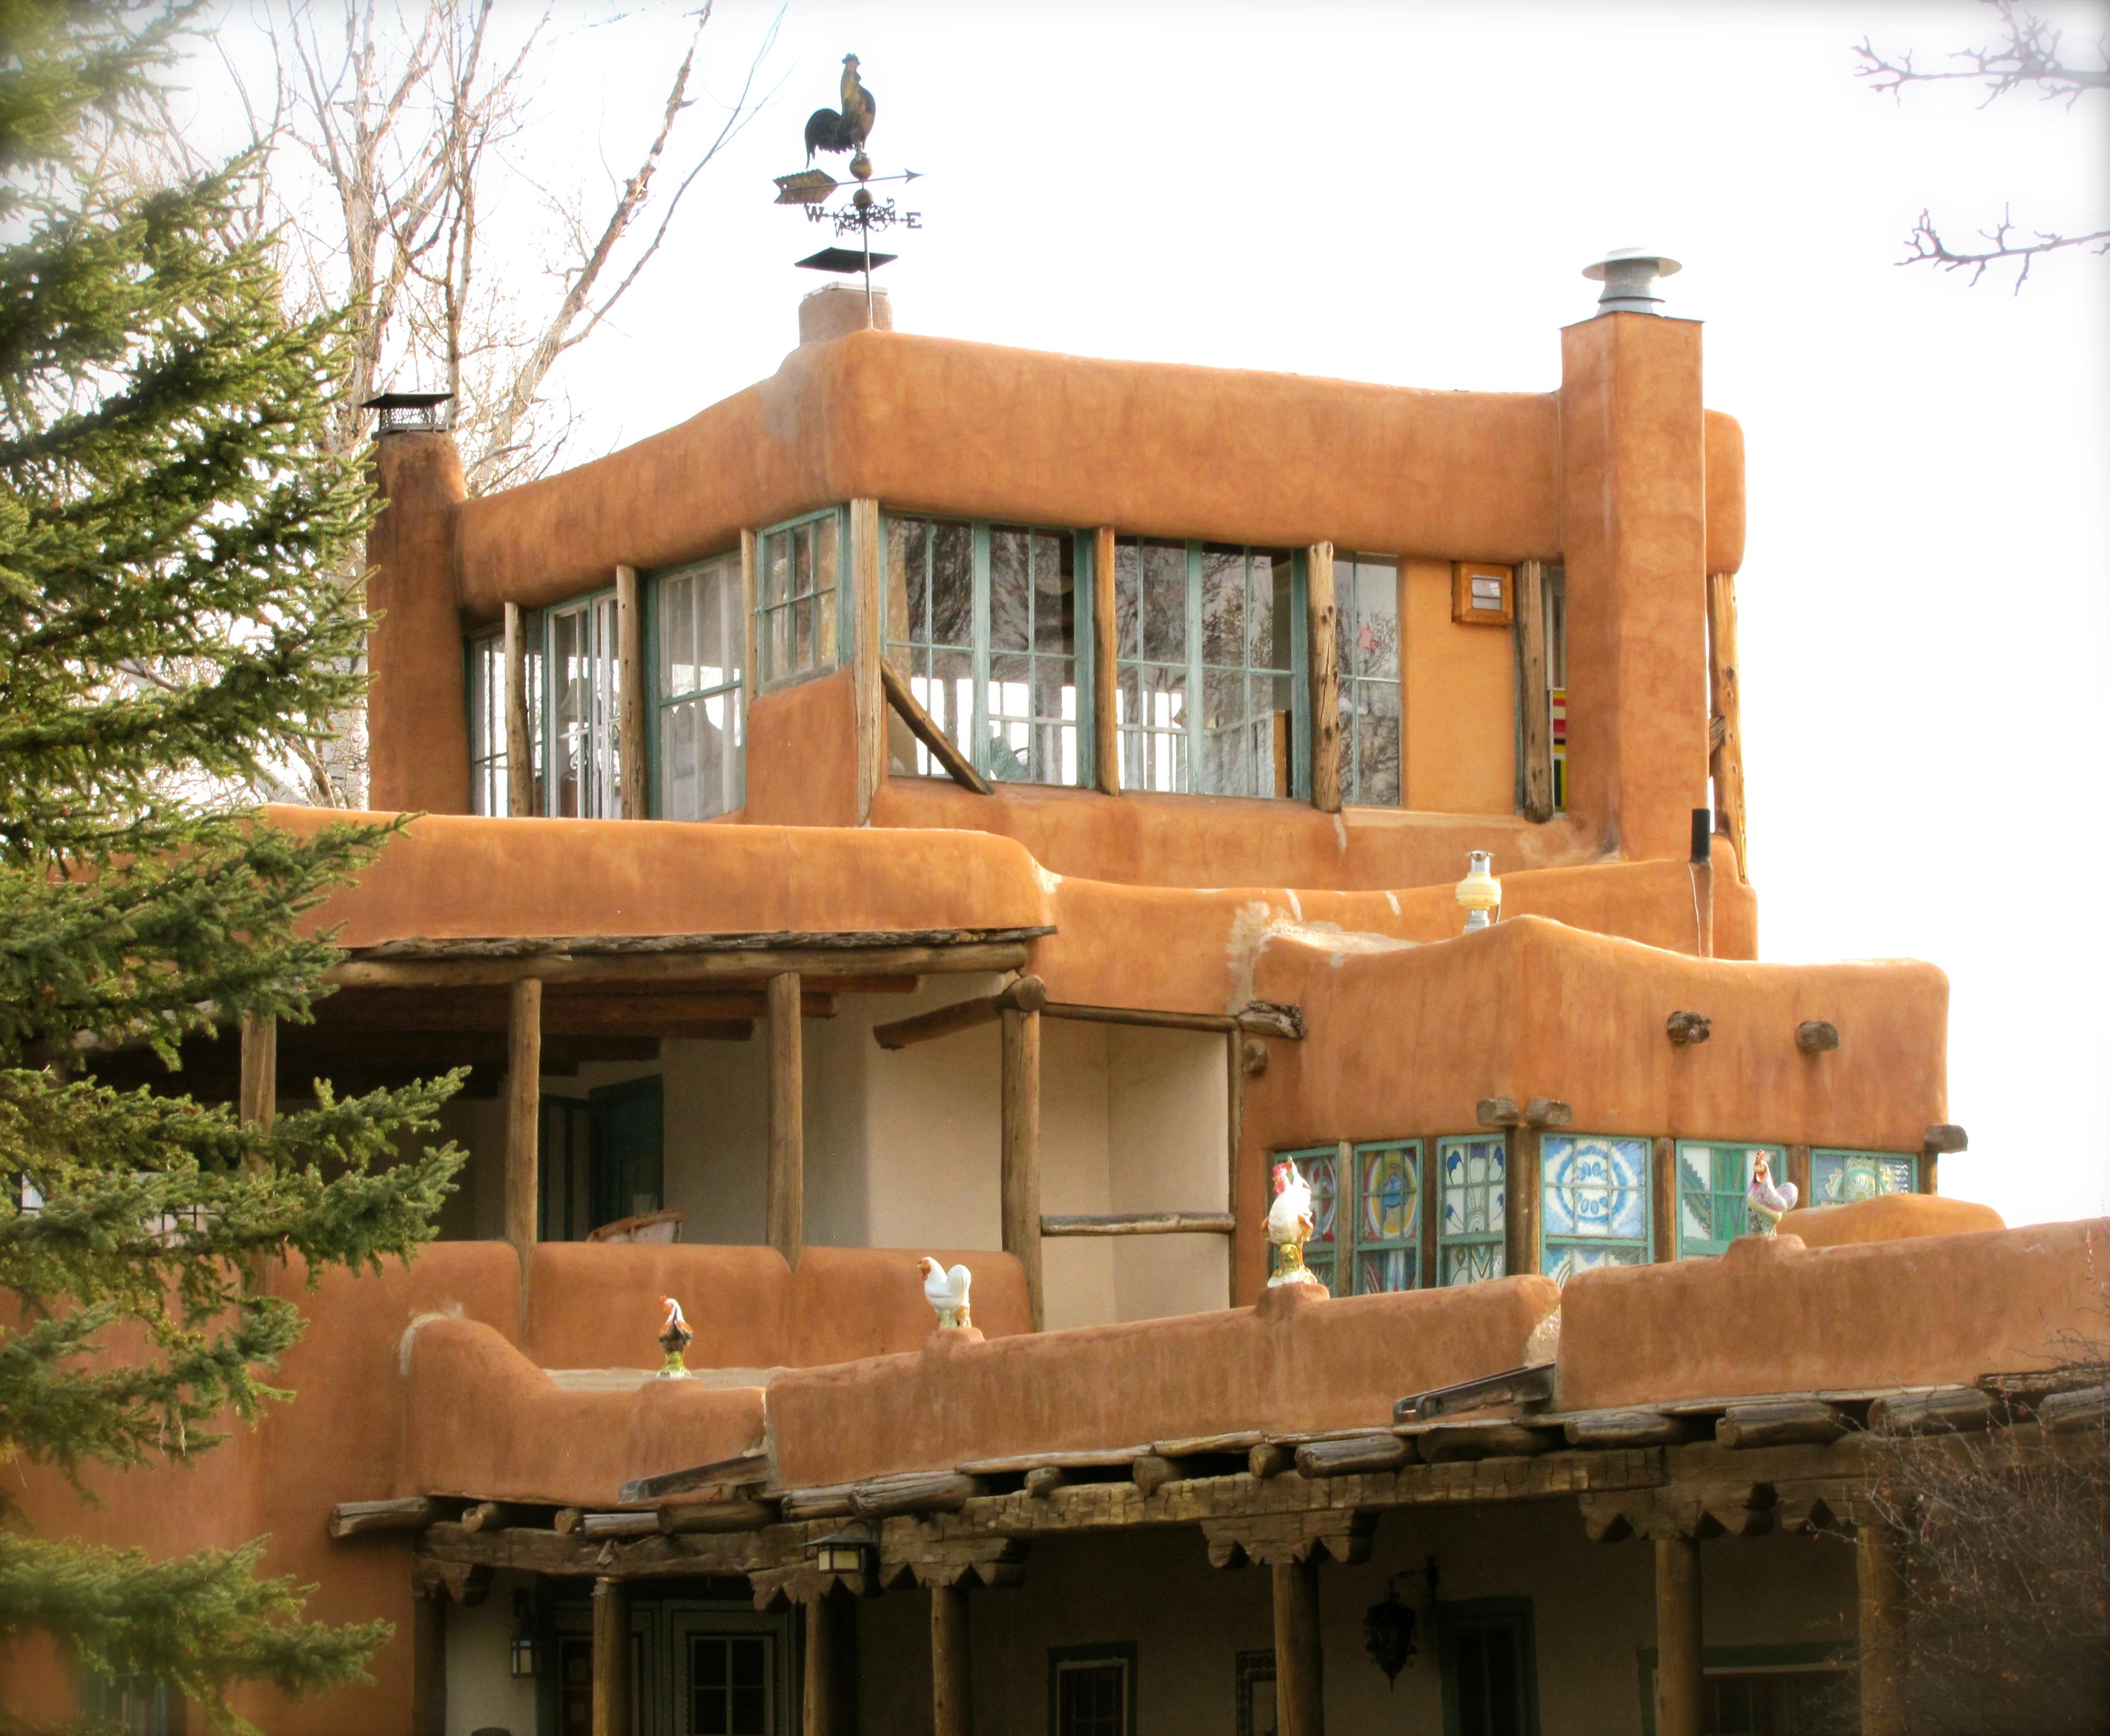 River Garden Studio: A Case of Curiosities in Taos, New Mexico